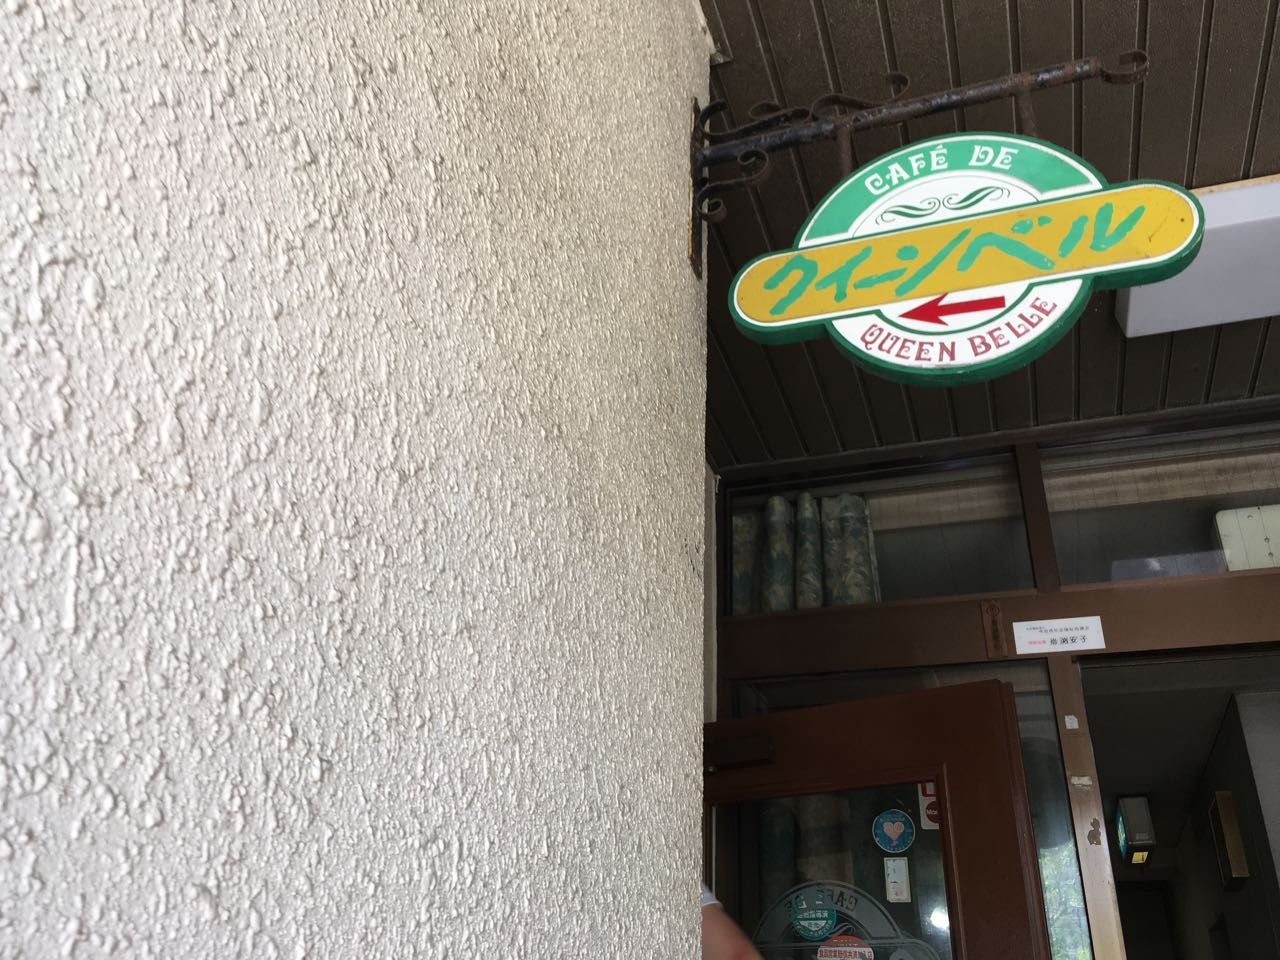 みとん今治,クイーンベル,カフェ,ランチ,中浜町